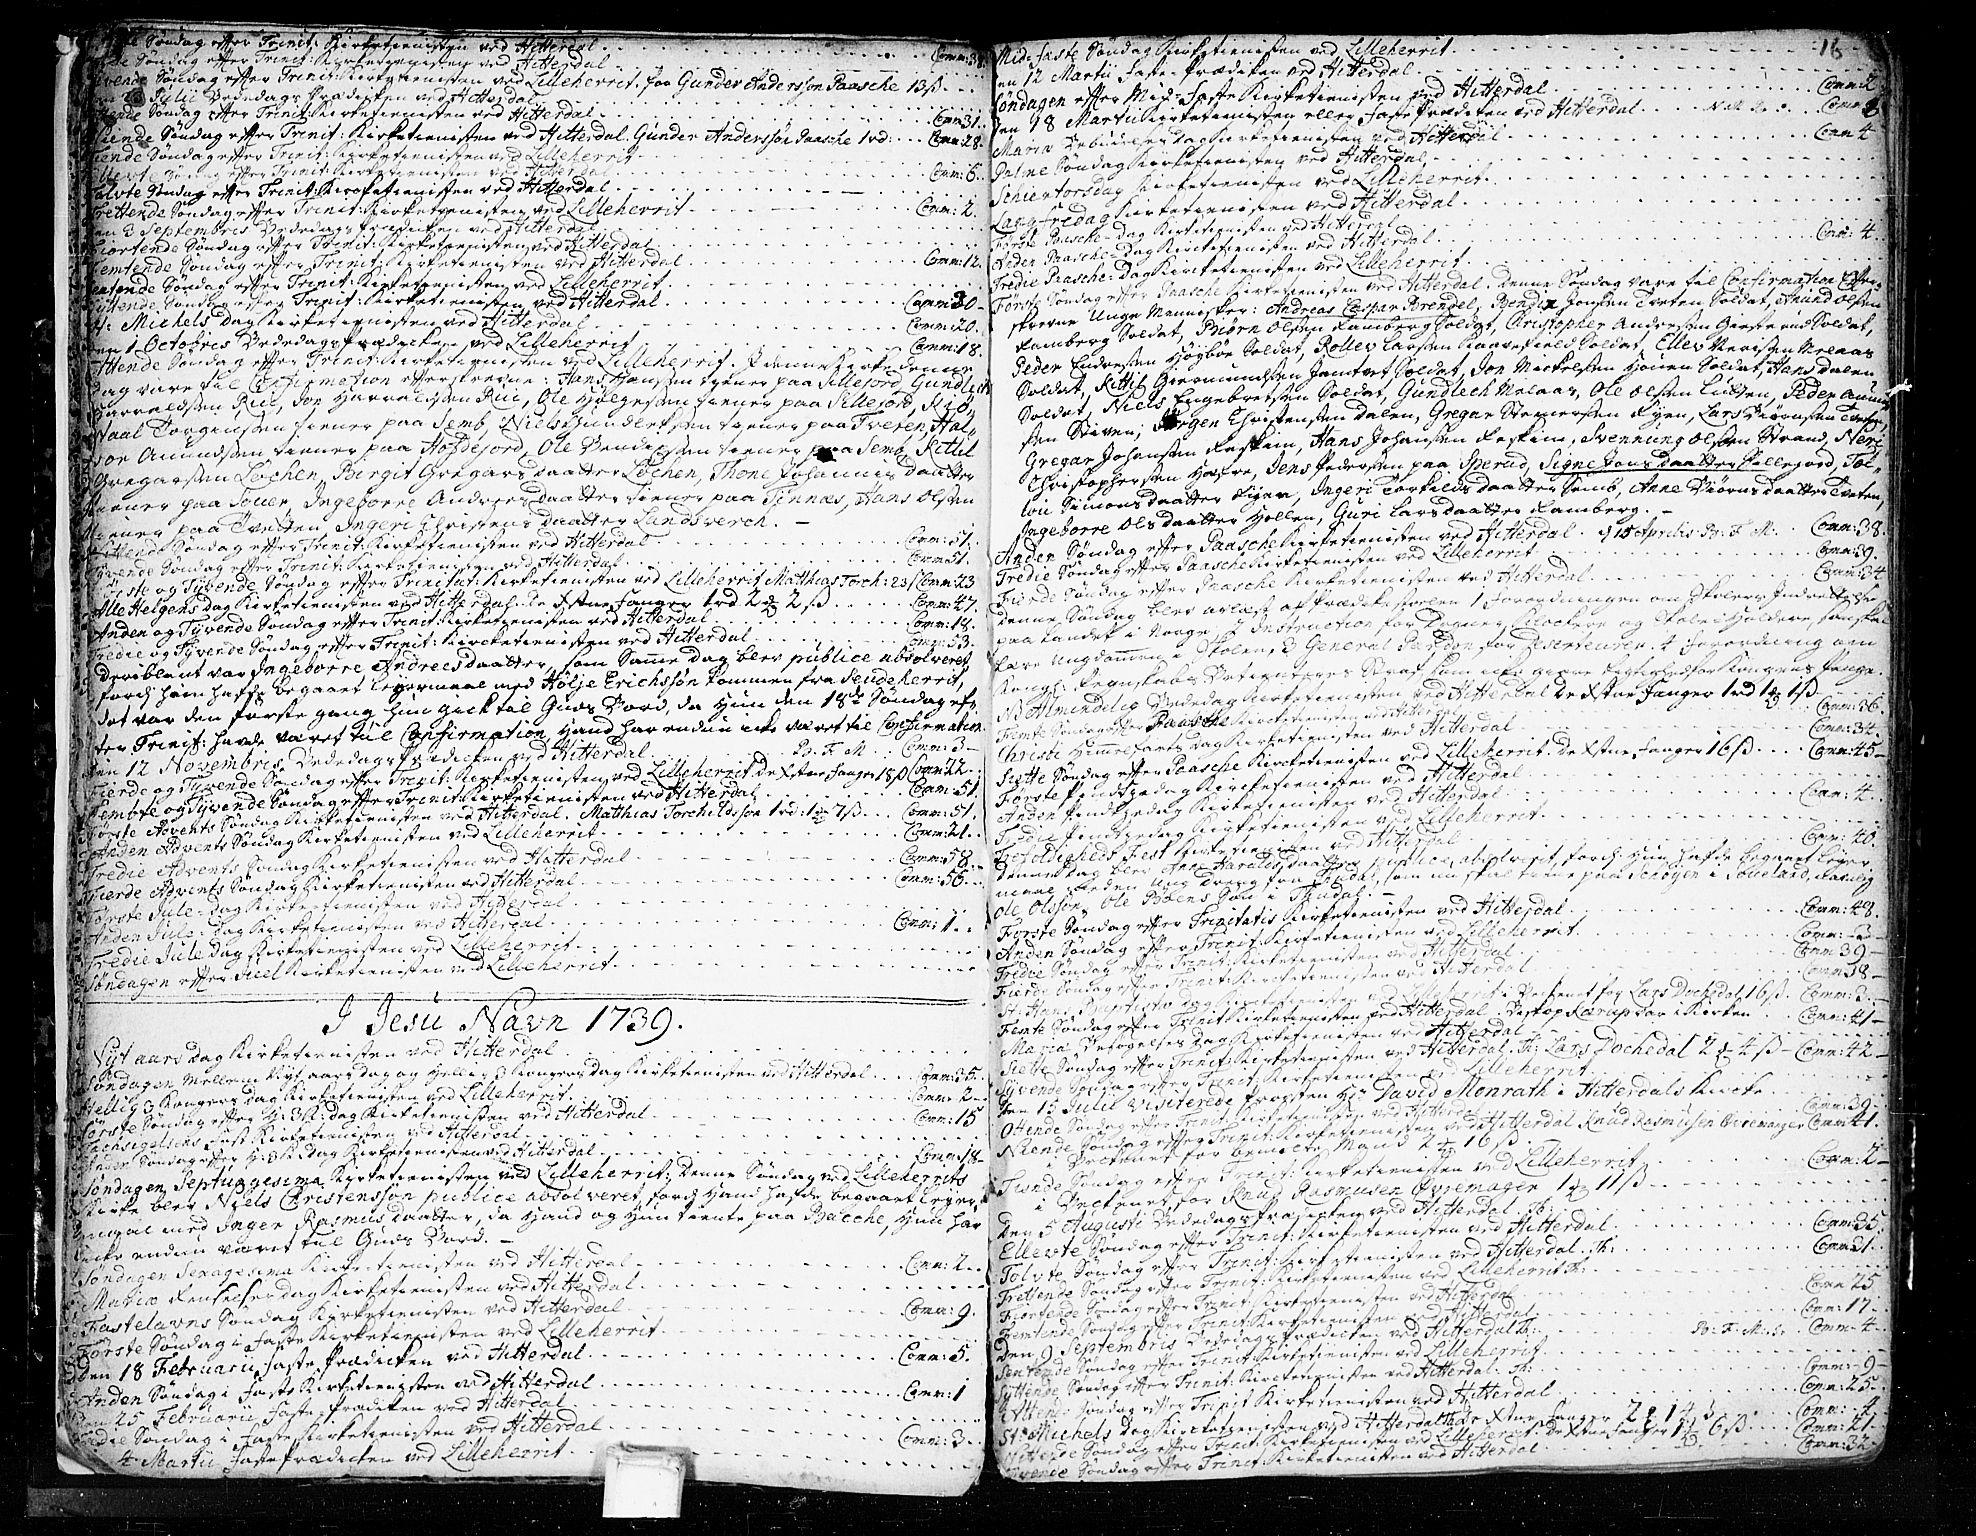 SAKO, Heddal kirkebøker, F/Fa/L0003: Ministerialbok nr. I 3, 1723-1783, s. 16